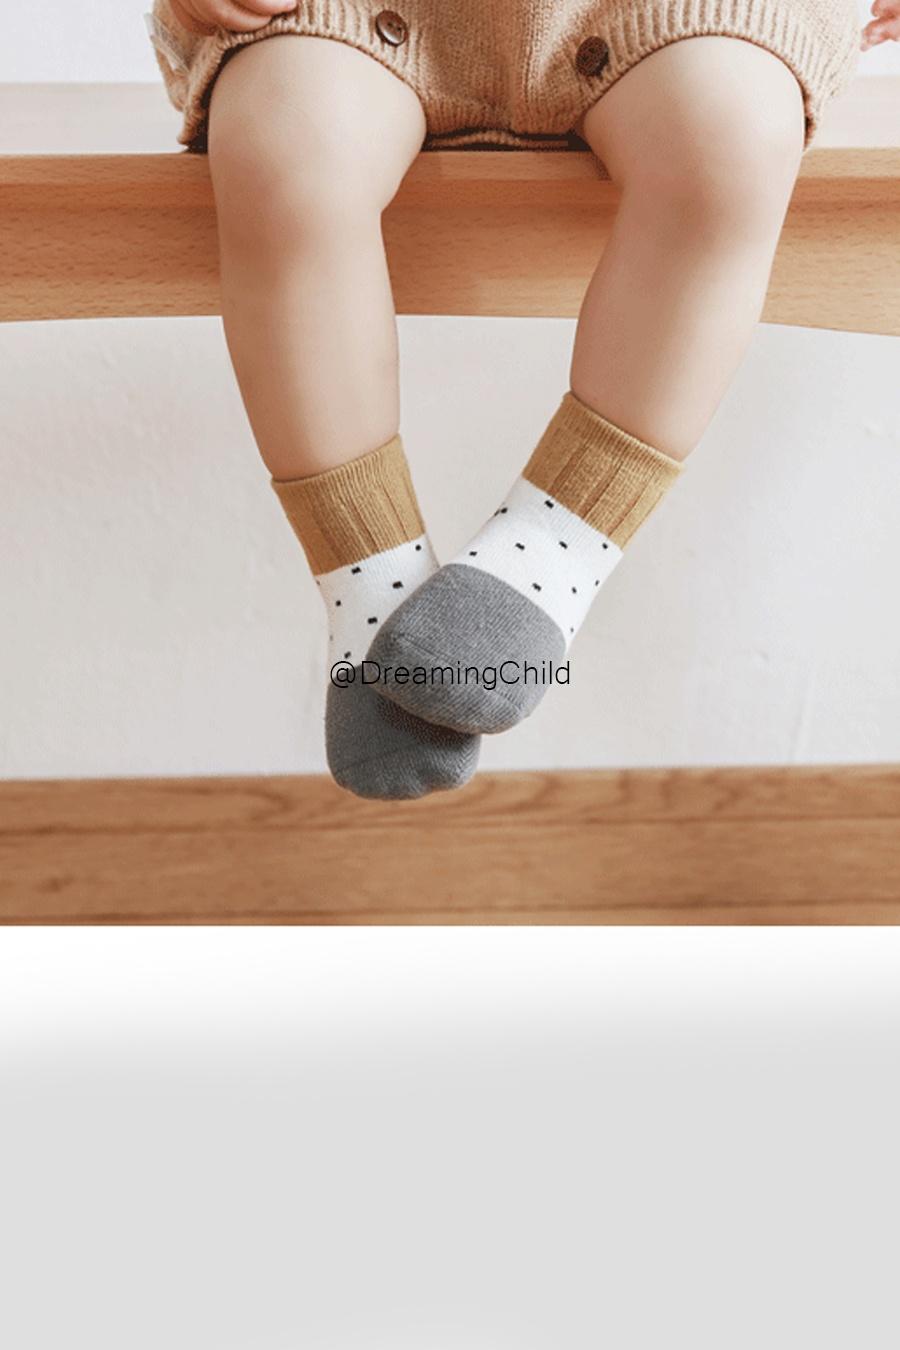 ถุงเท้าเด็กอ่อน-ถุงเท้าเด็กทารกแรกเกิด